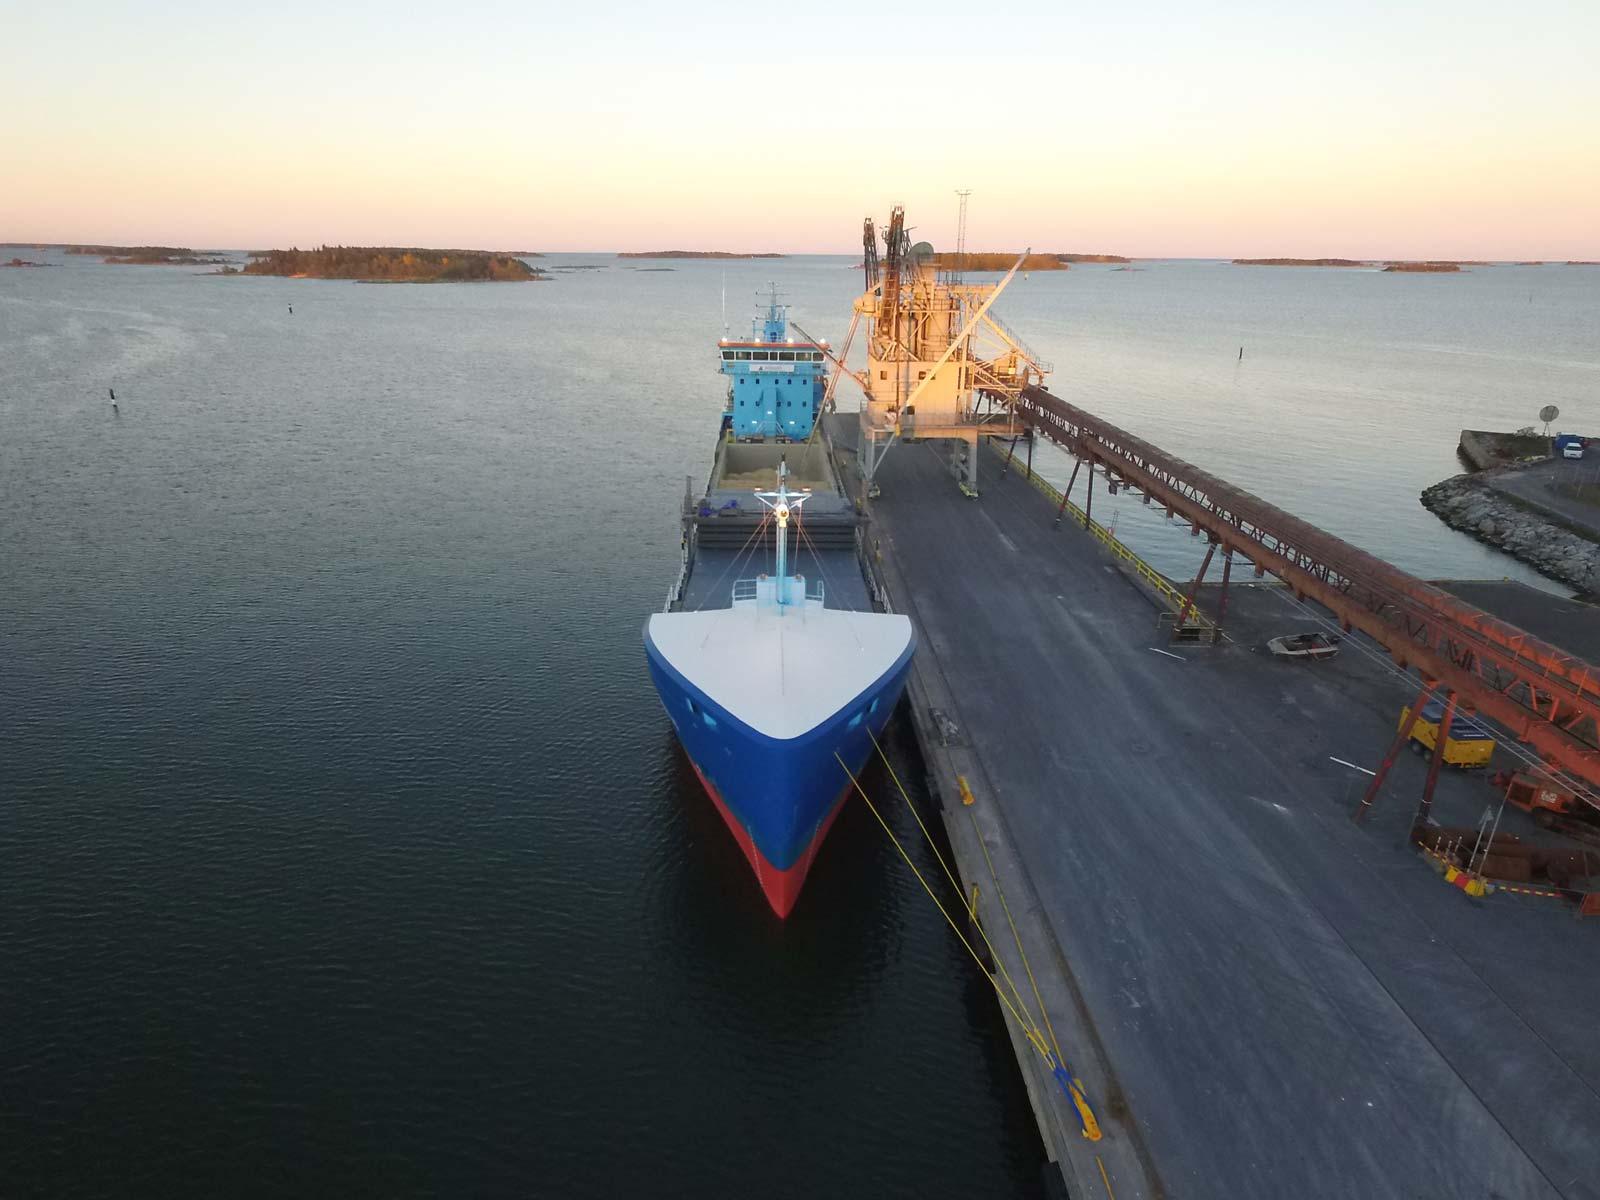 Reilun kaupan merenkulkua